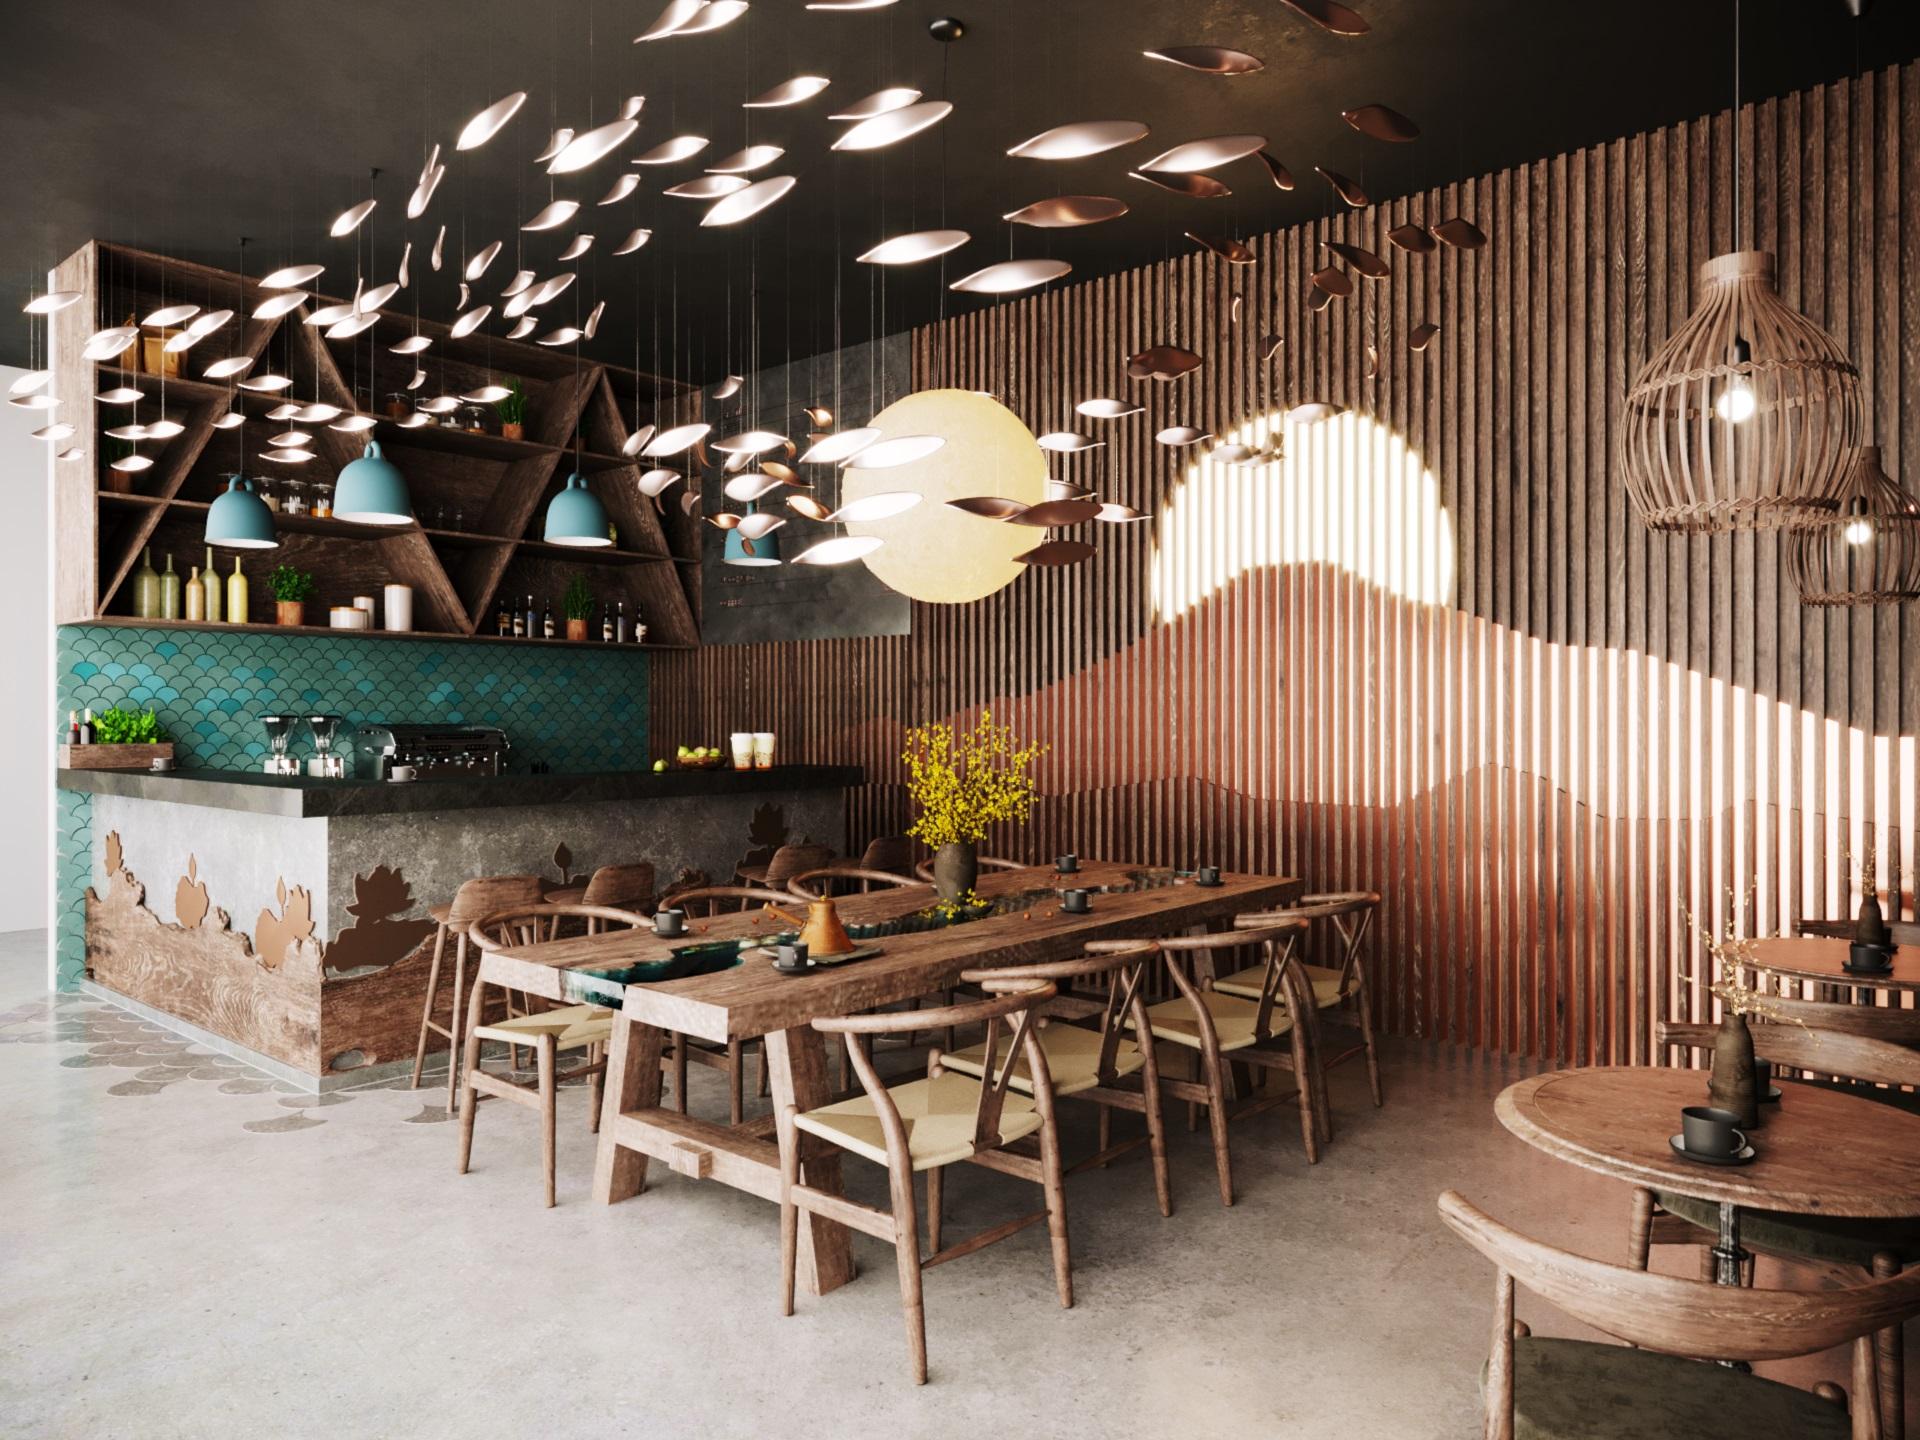 thiết kế nội thất Cafe tại Hà Nội caffee koi 1 1569649984